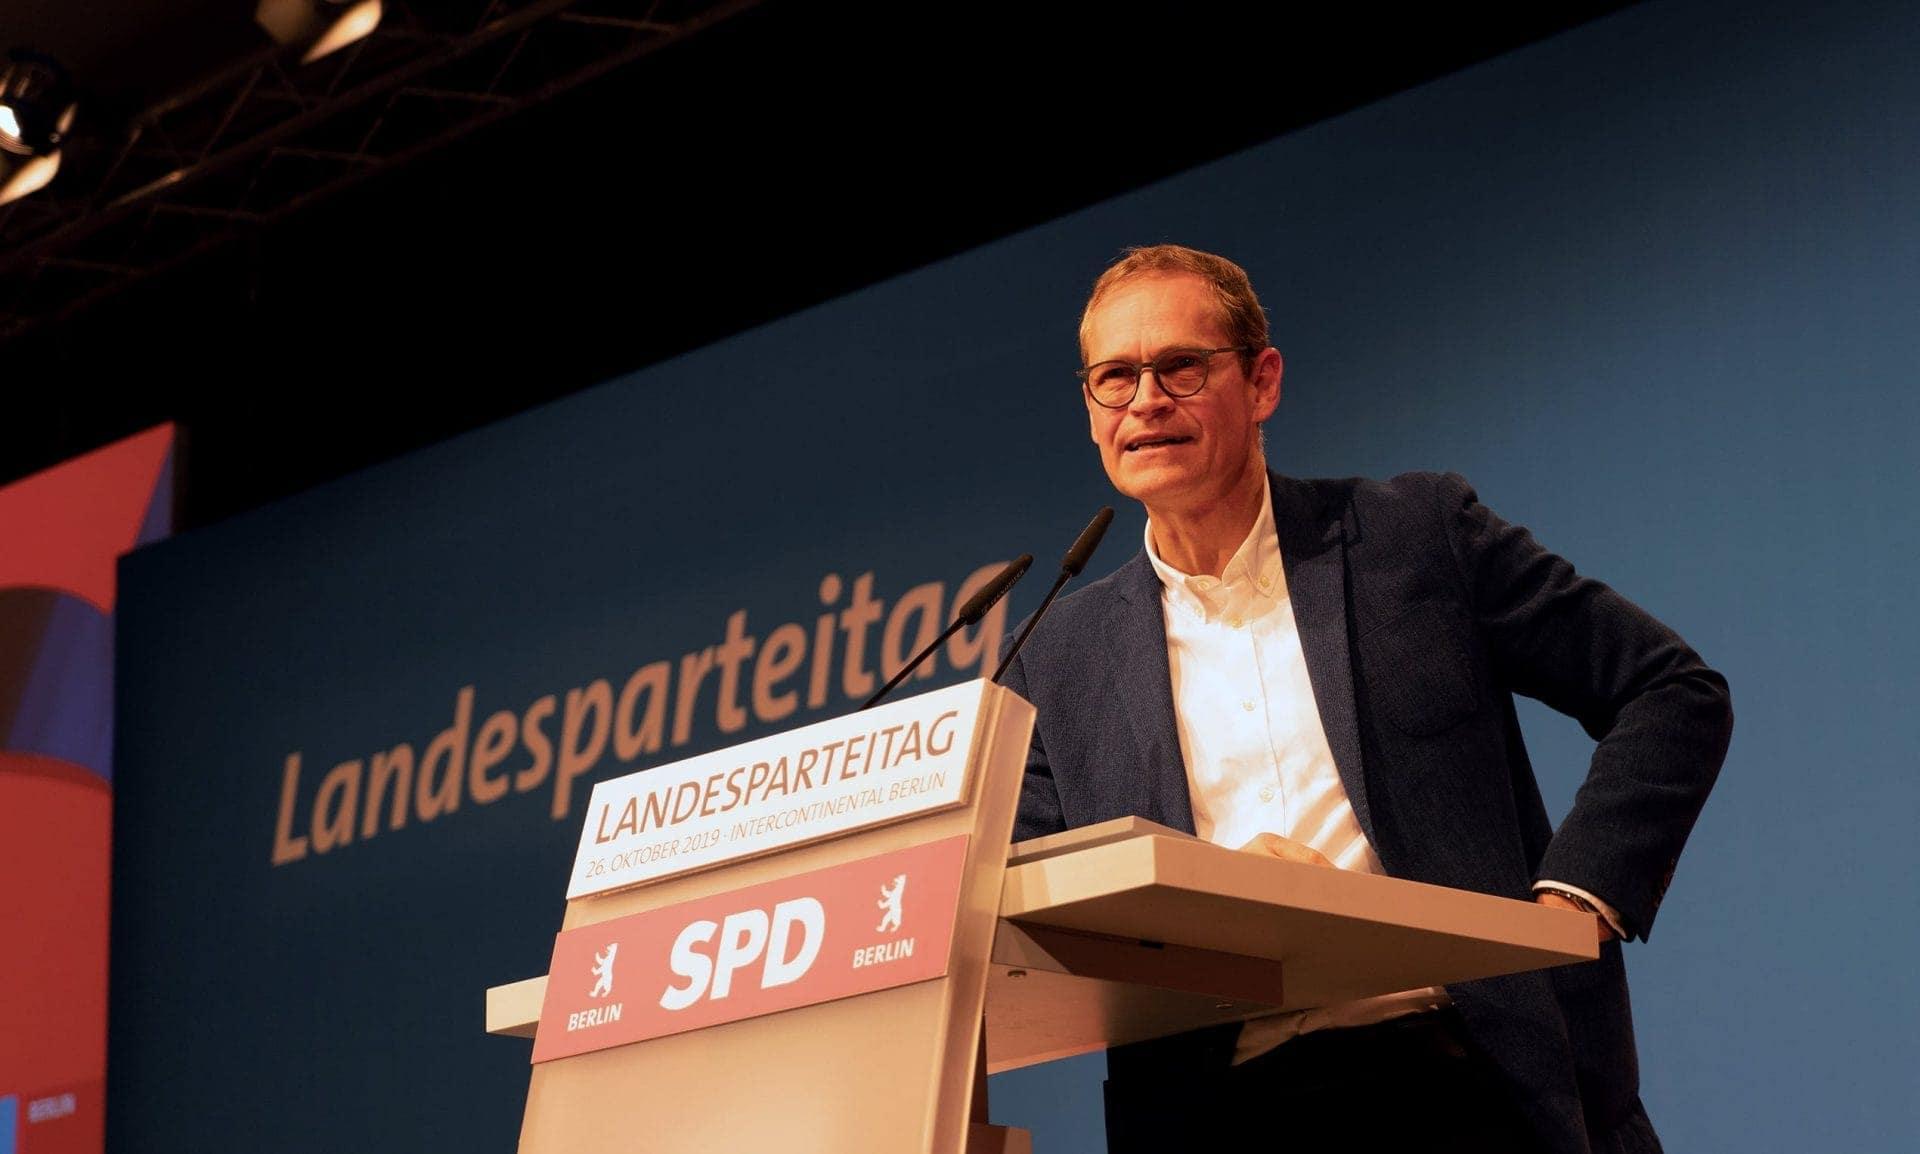 Michael Müller spricht auf dem Landesparteitag